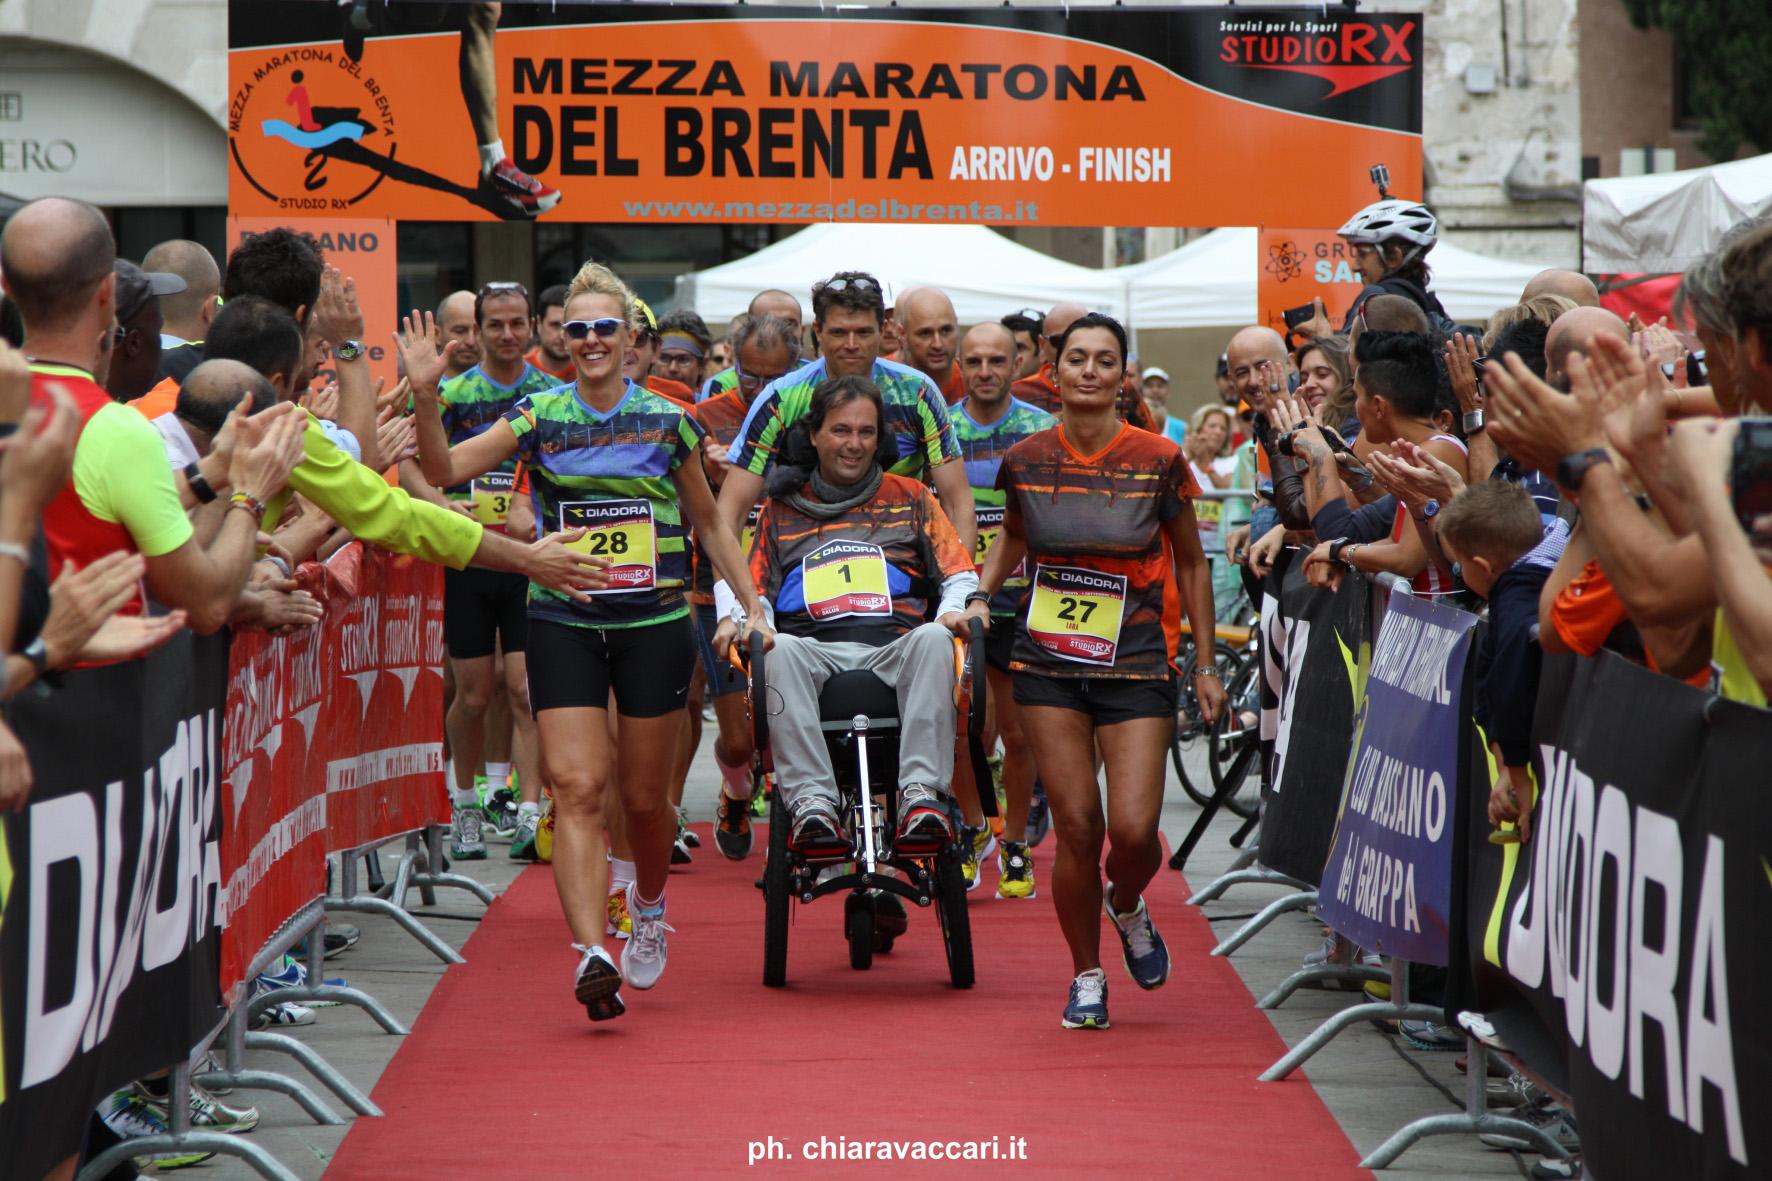 One shot! Lele Marcon alla Mezza Maratona del Brenta